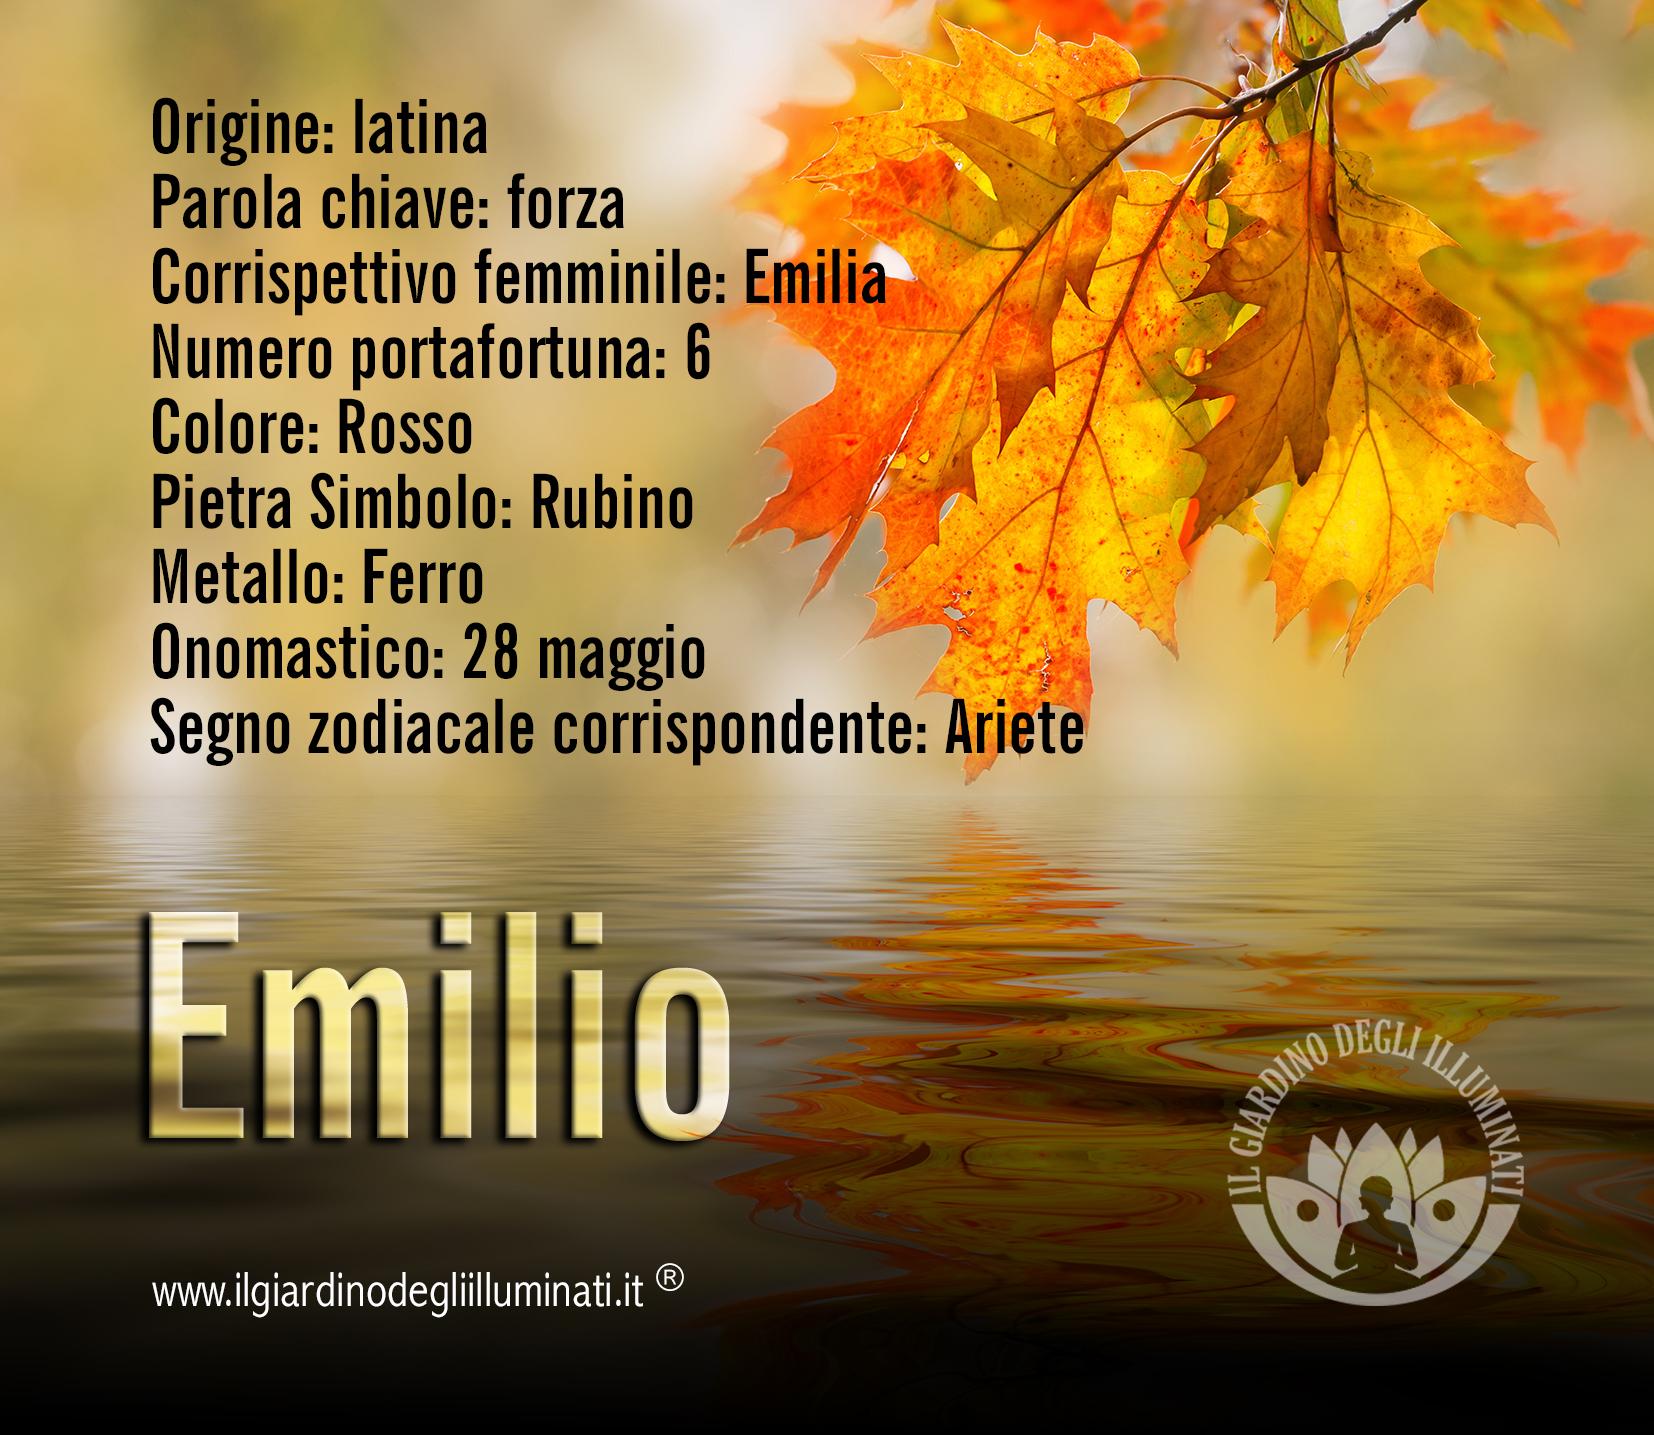 Emilio significato e origine